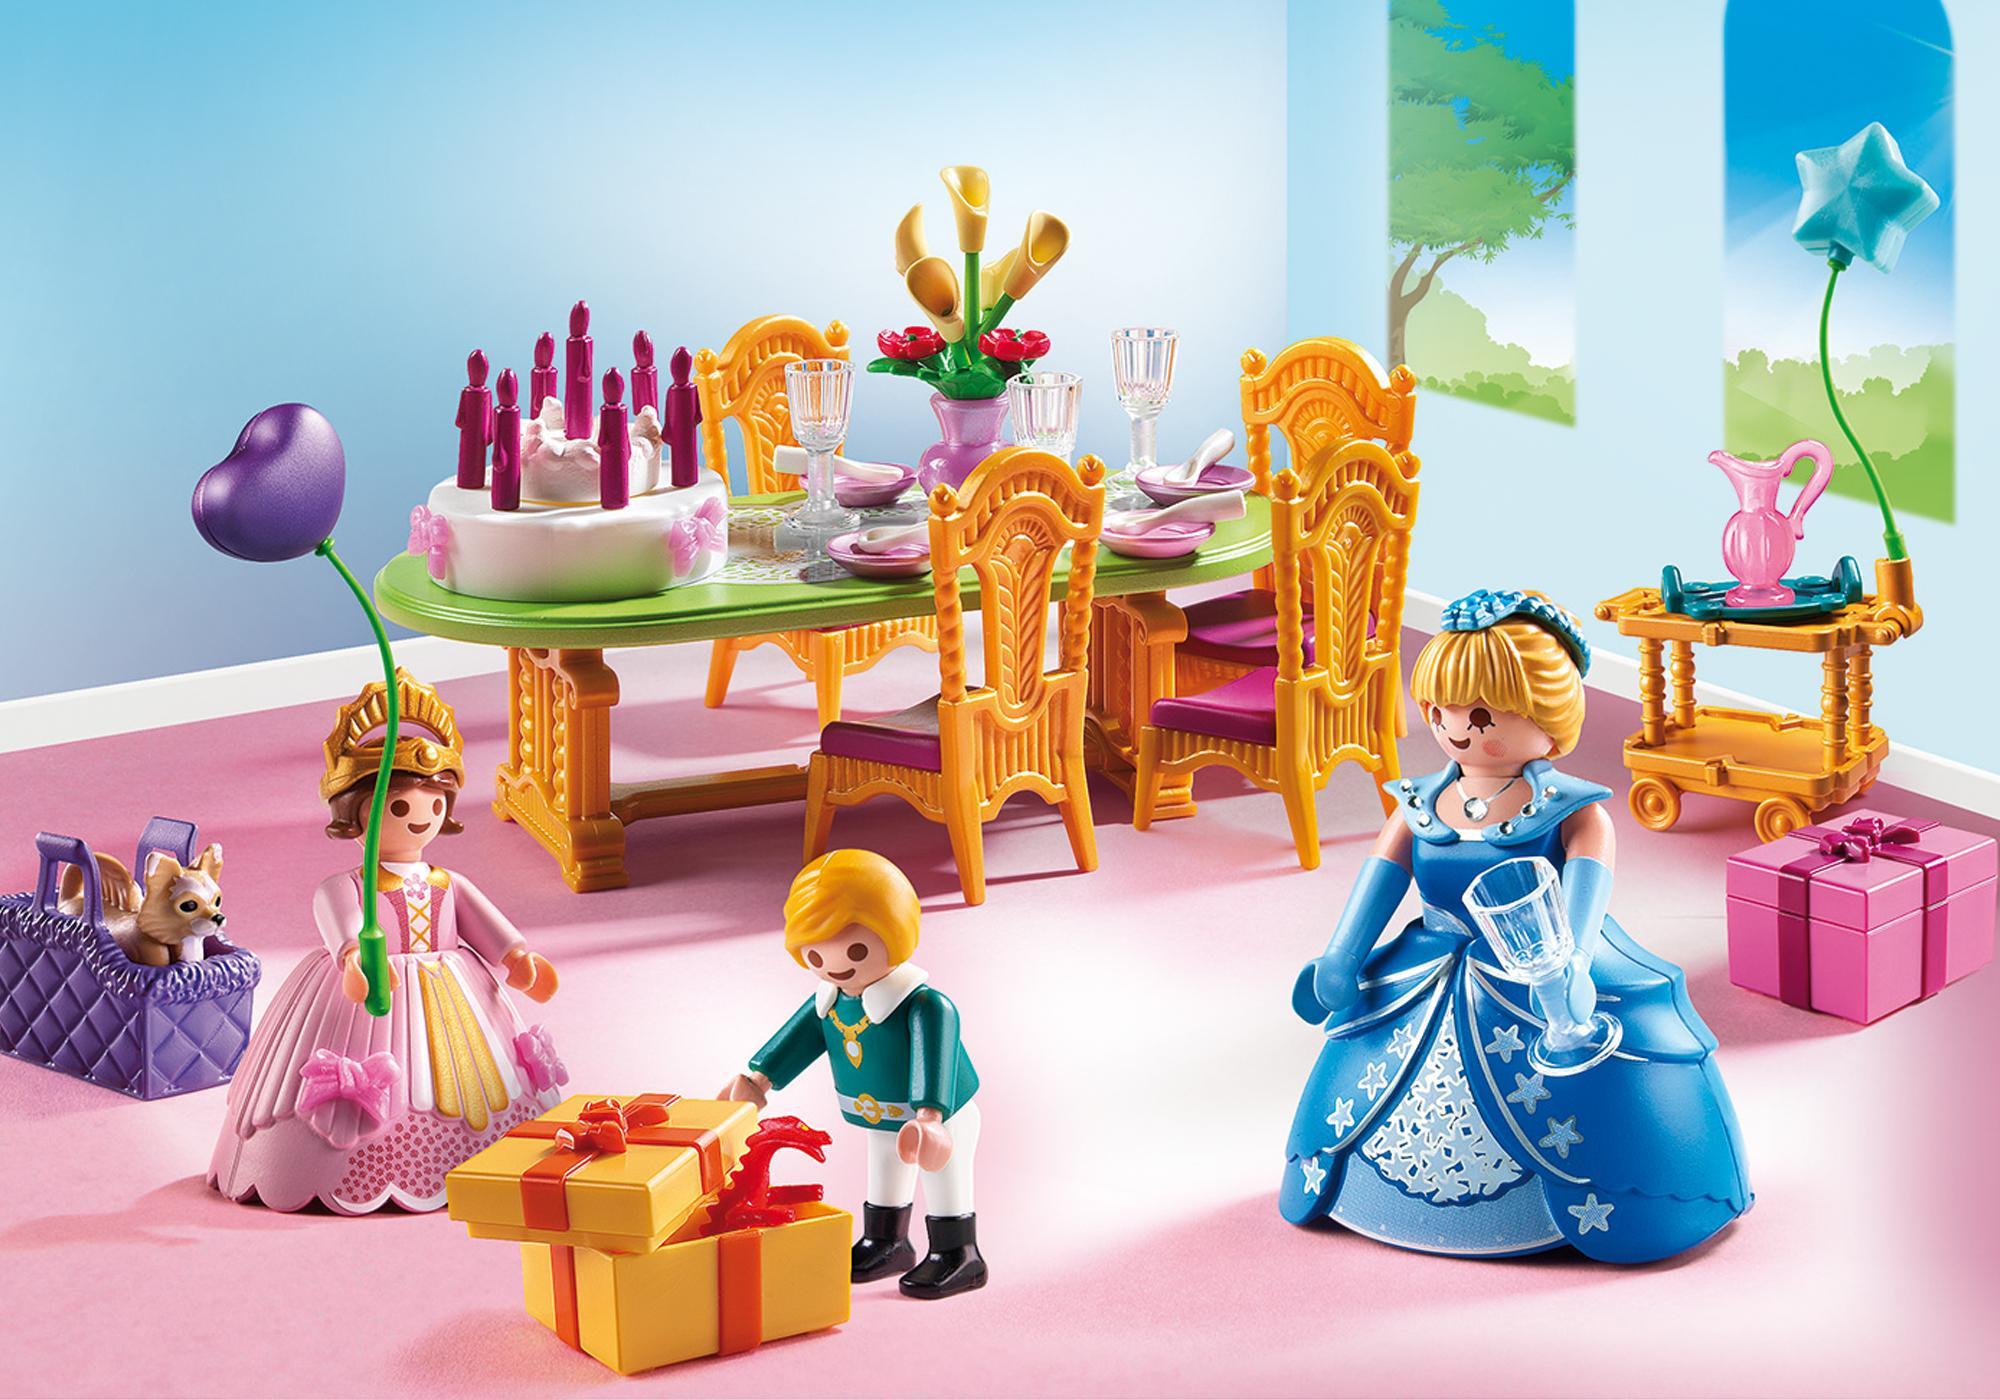 6854_product_detail/Замок Принцессы: Королевское день рождение